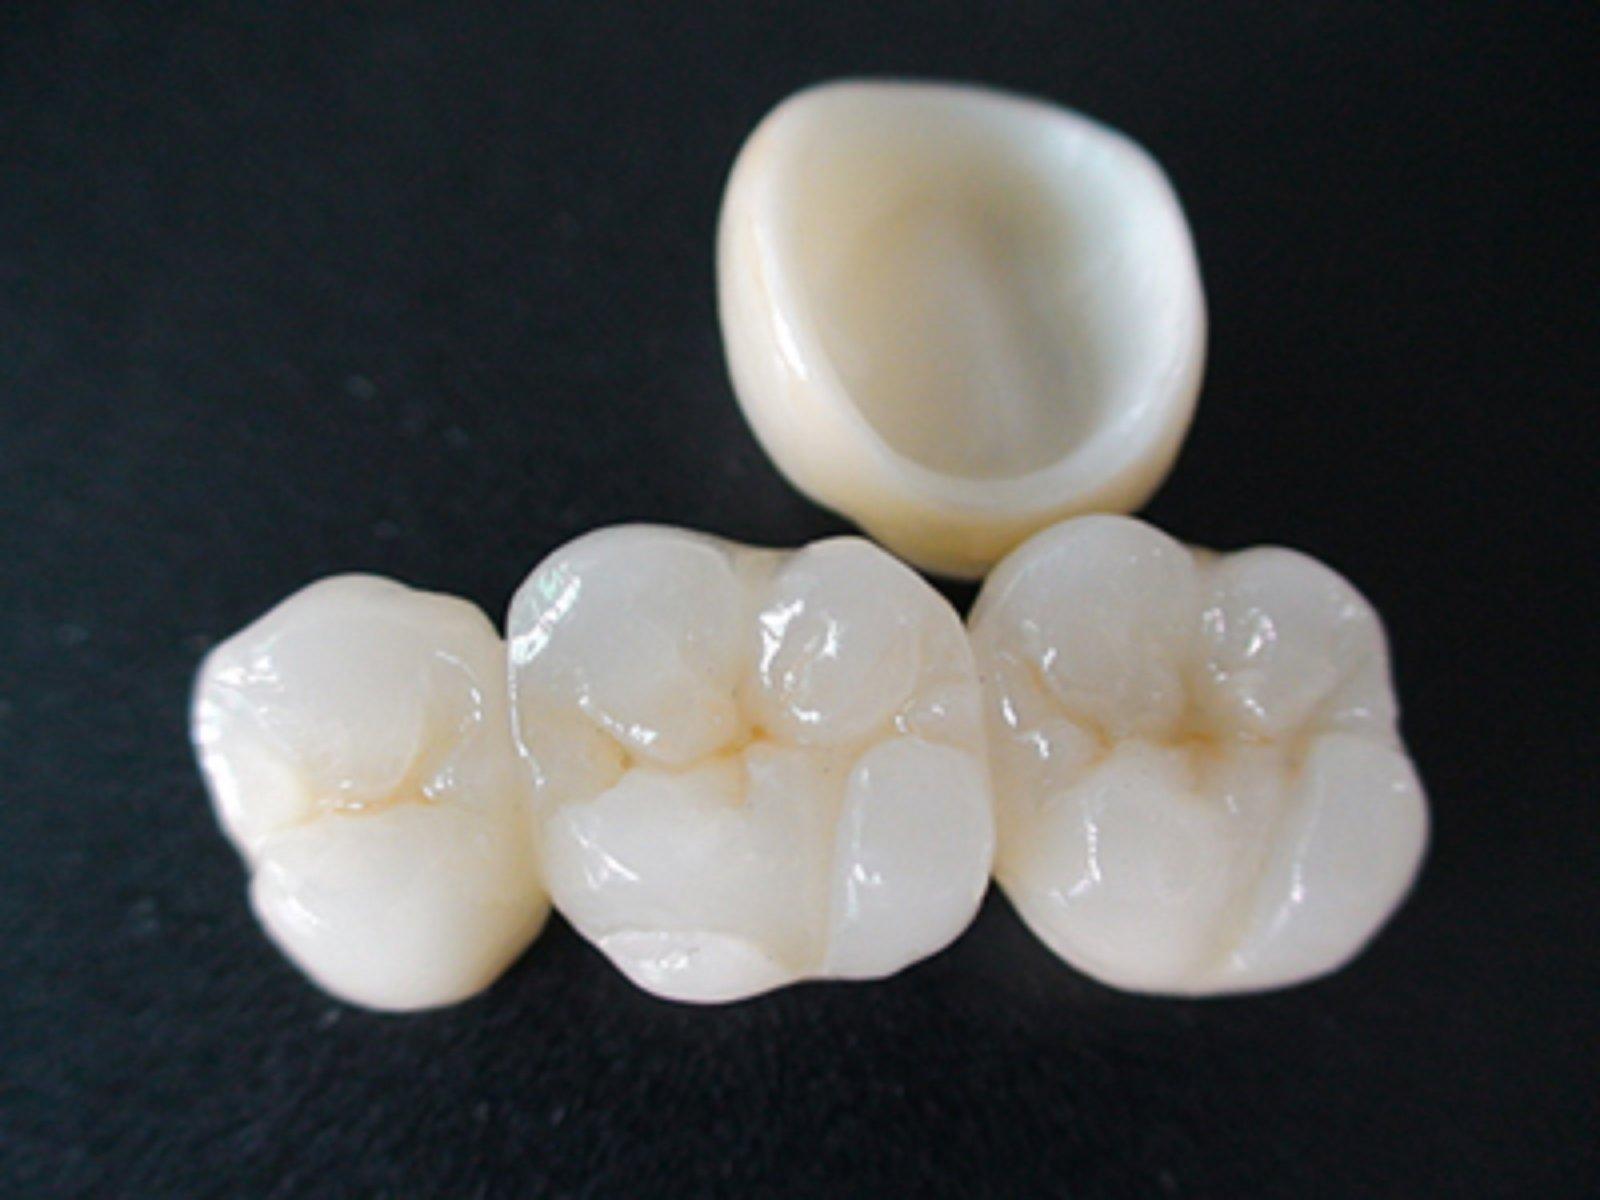 стоматологической керамики